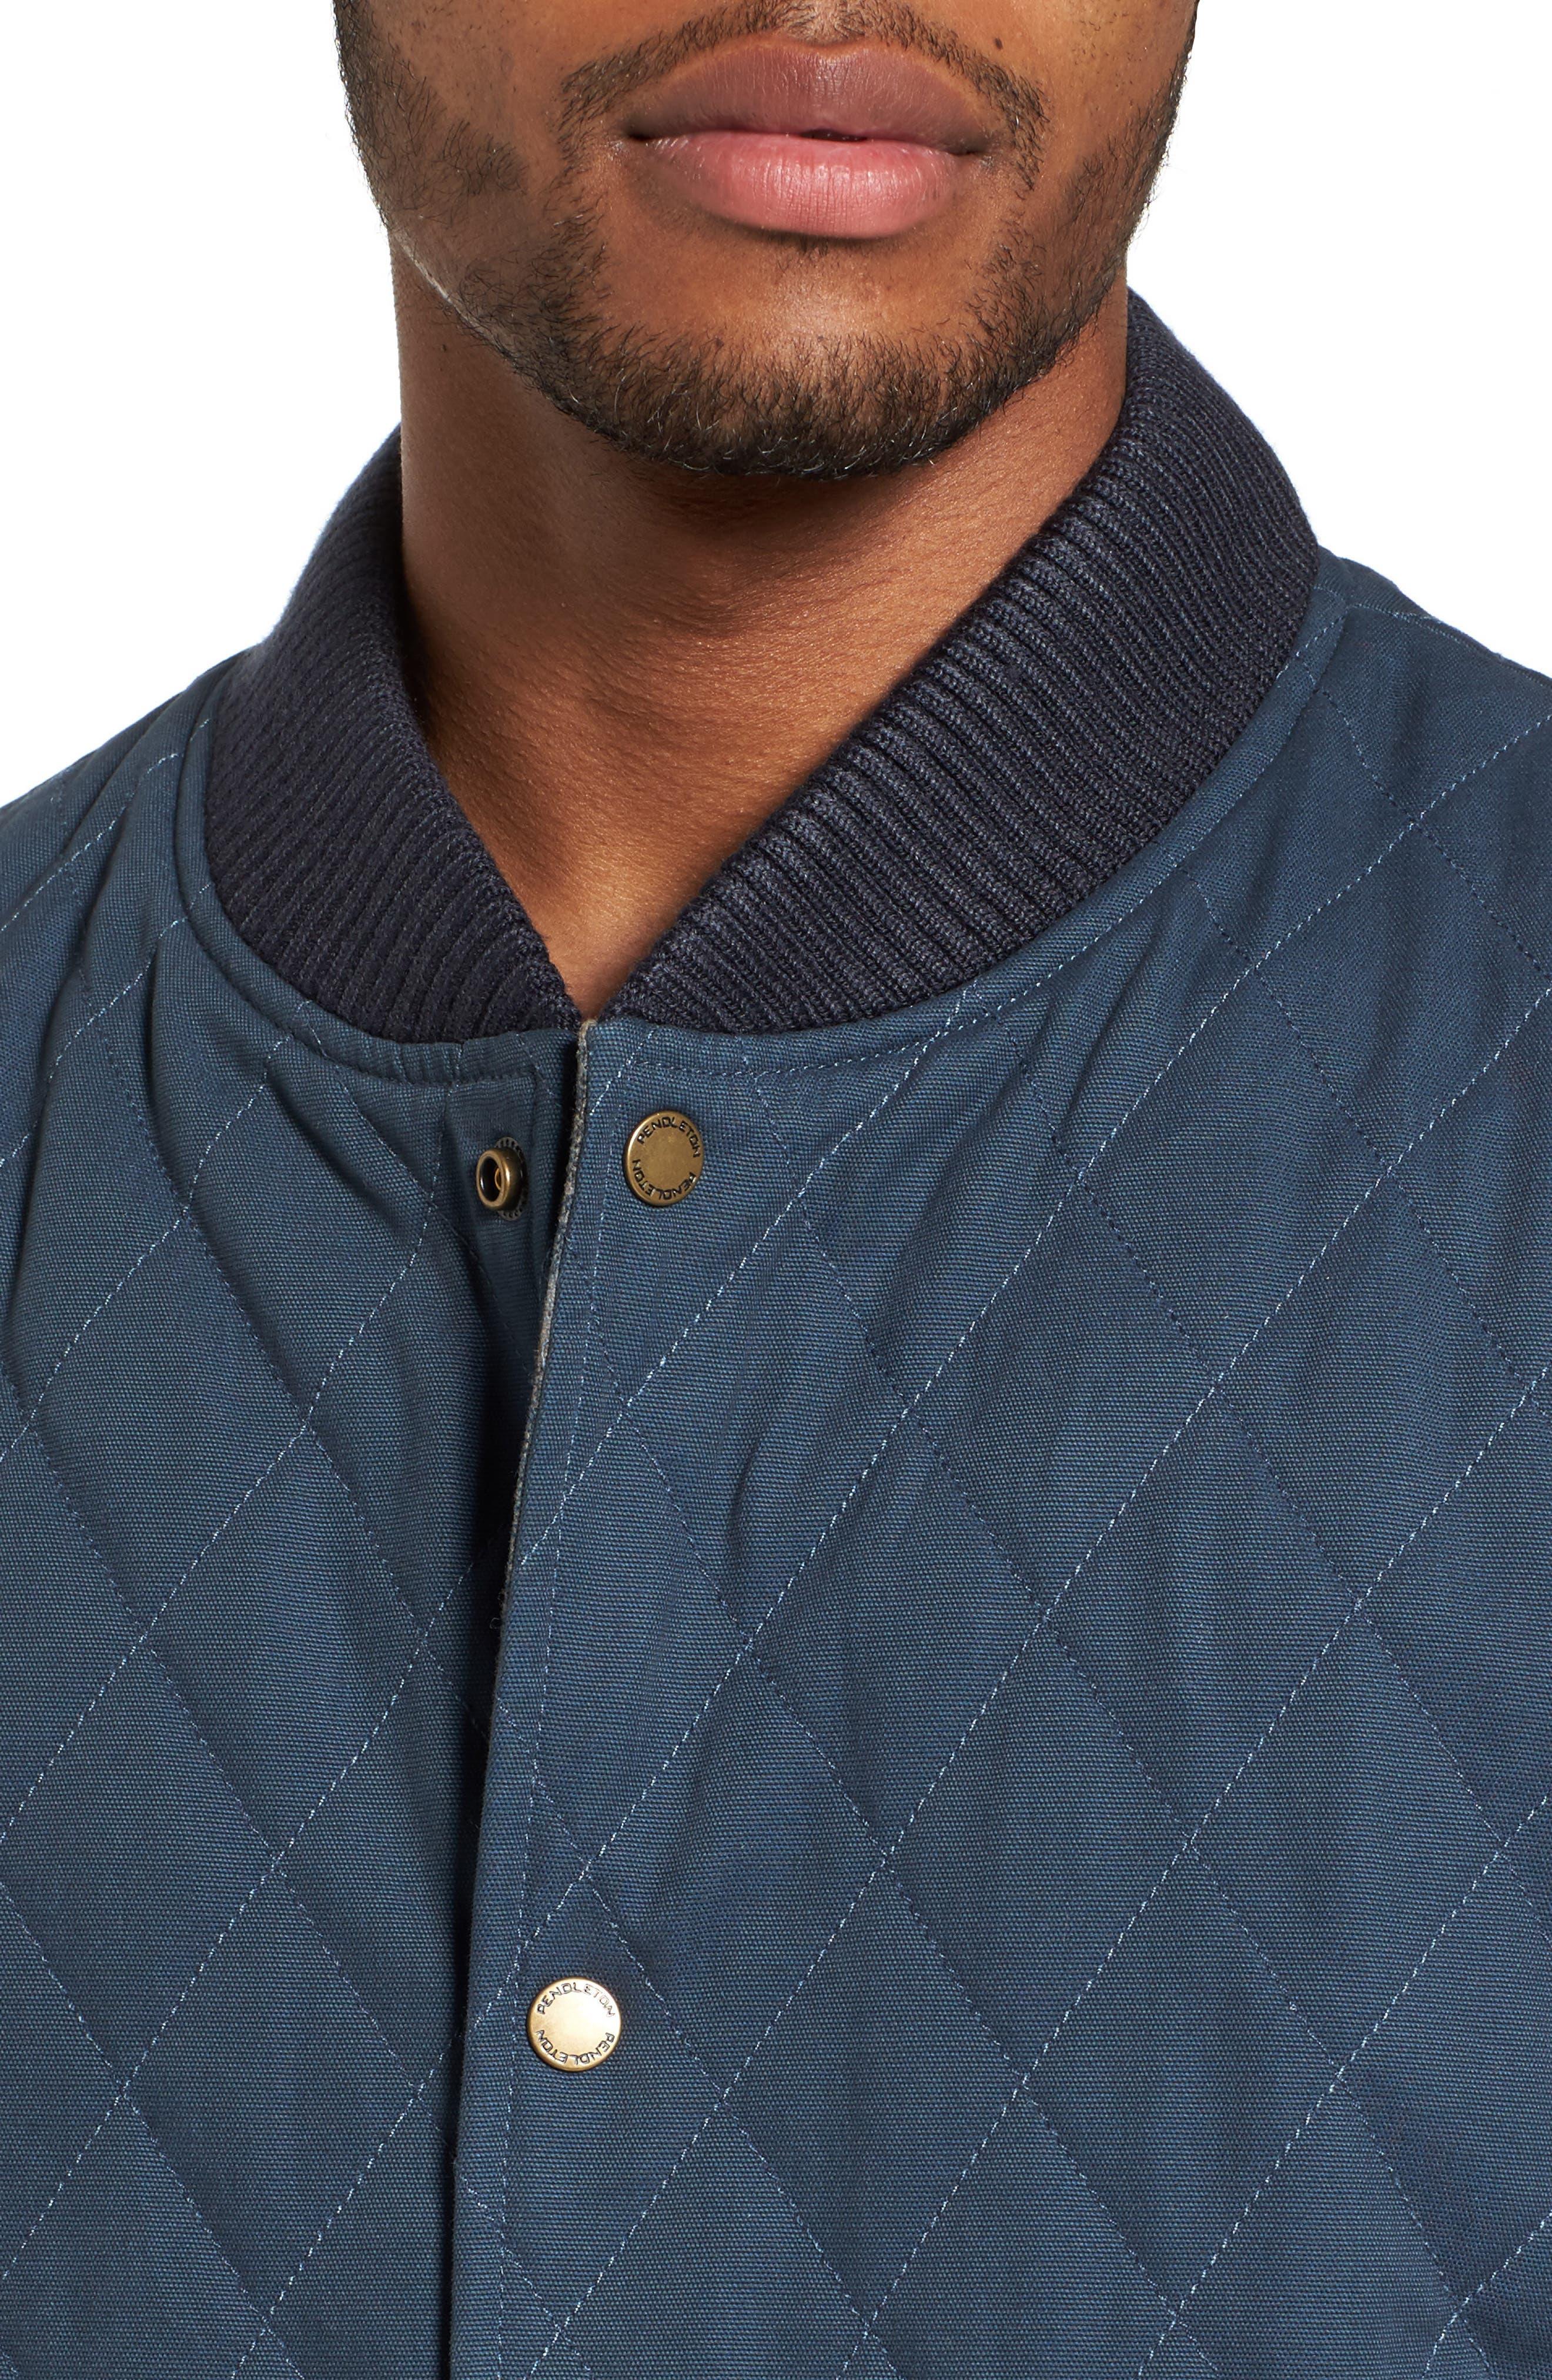 Reversible Canvas Vest,                             Alternate thumbnail 5, color,                             Navy/ Indigo Plaid